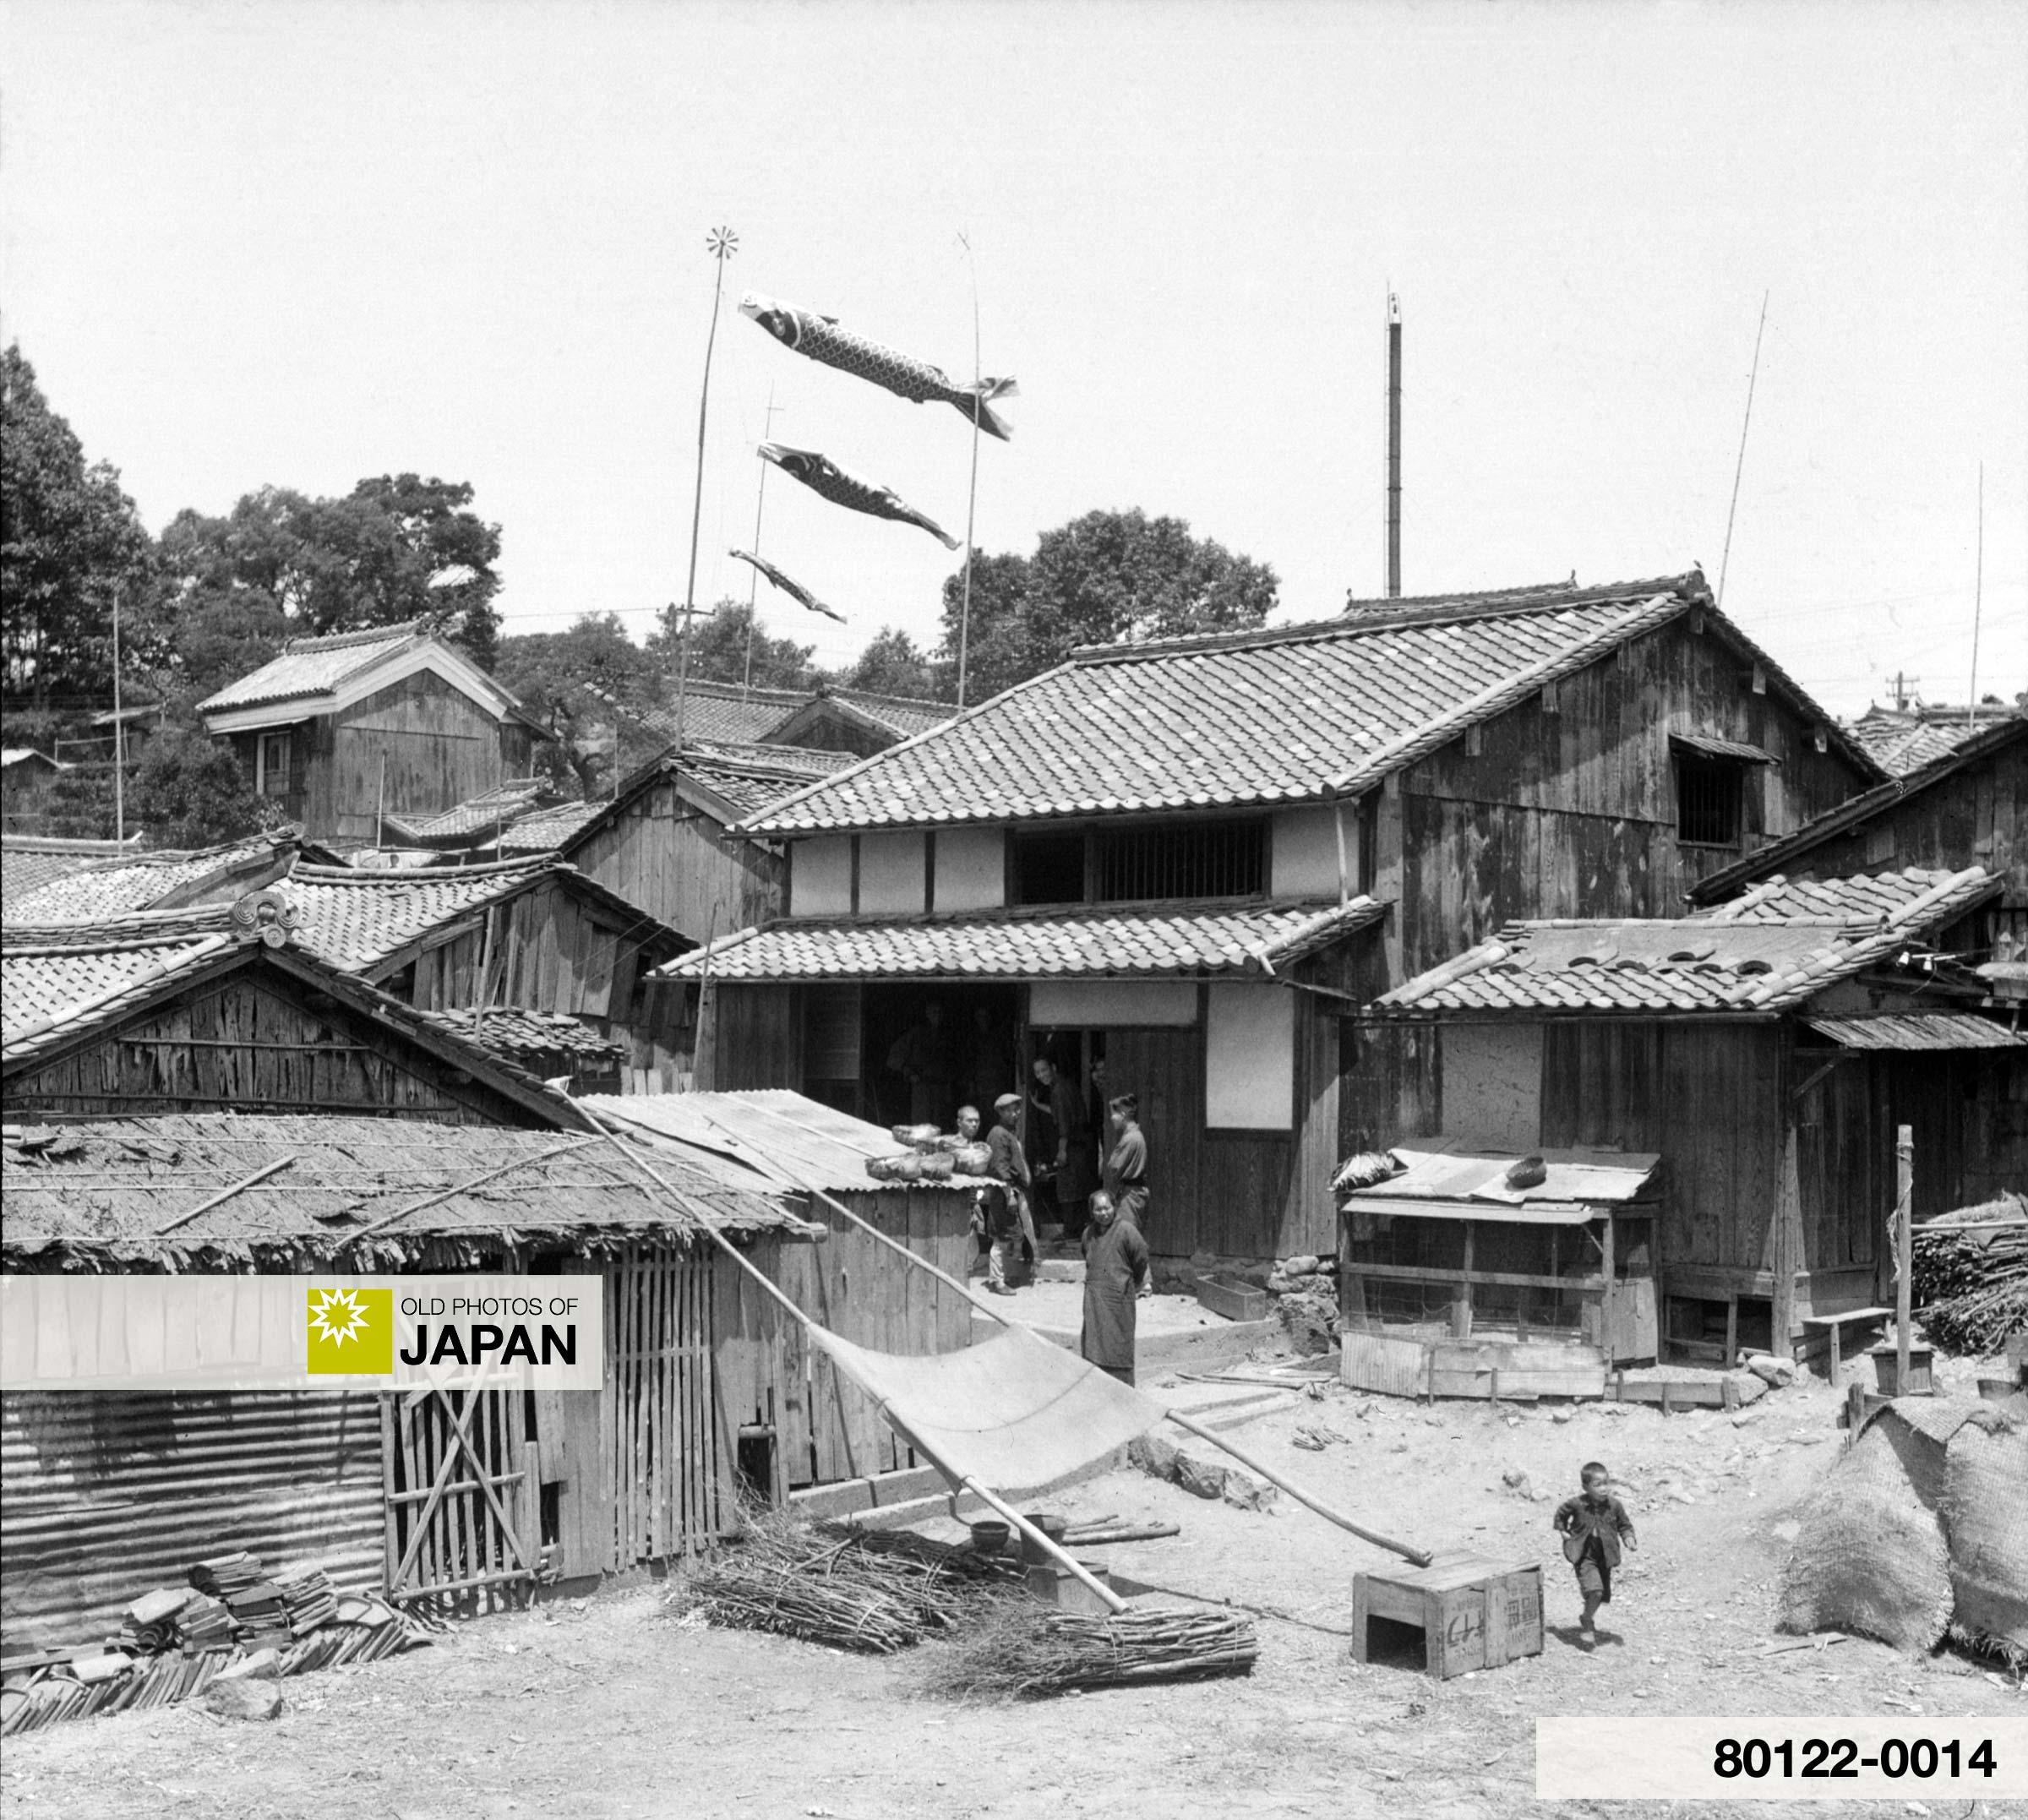 Koinobori Streamers and Typical Rural Houses near Nara, Japan (May 1934).